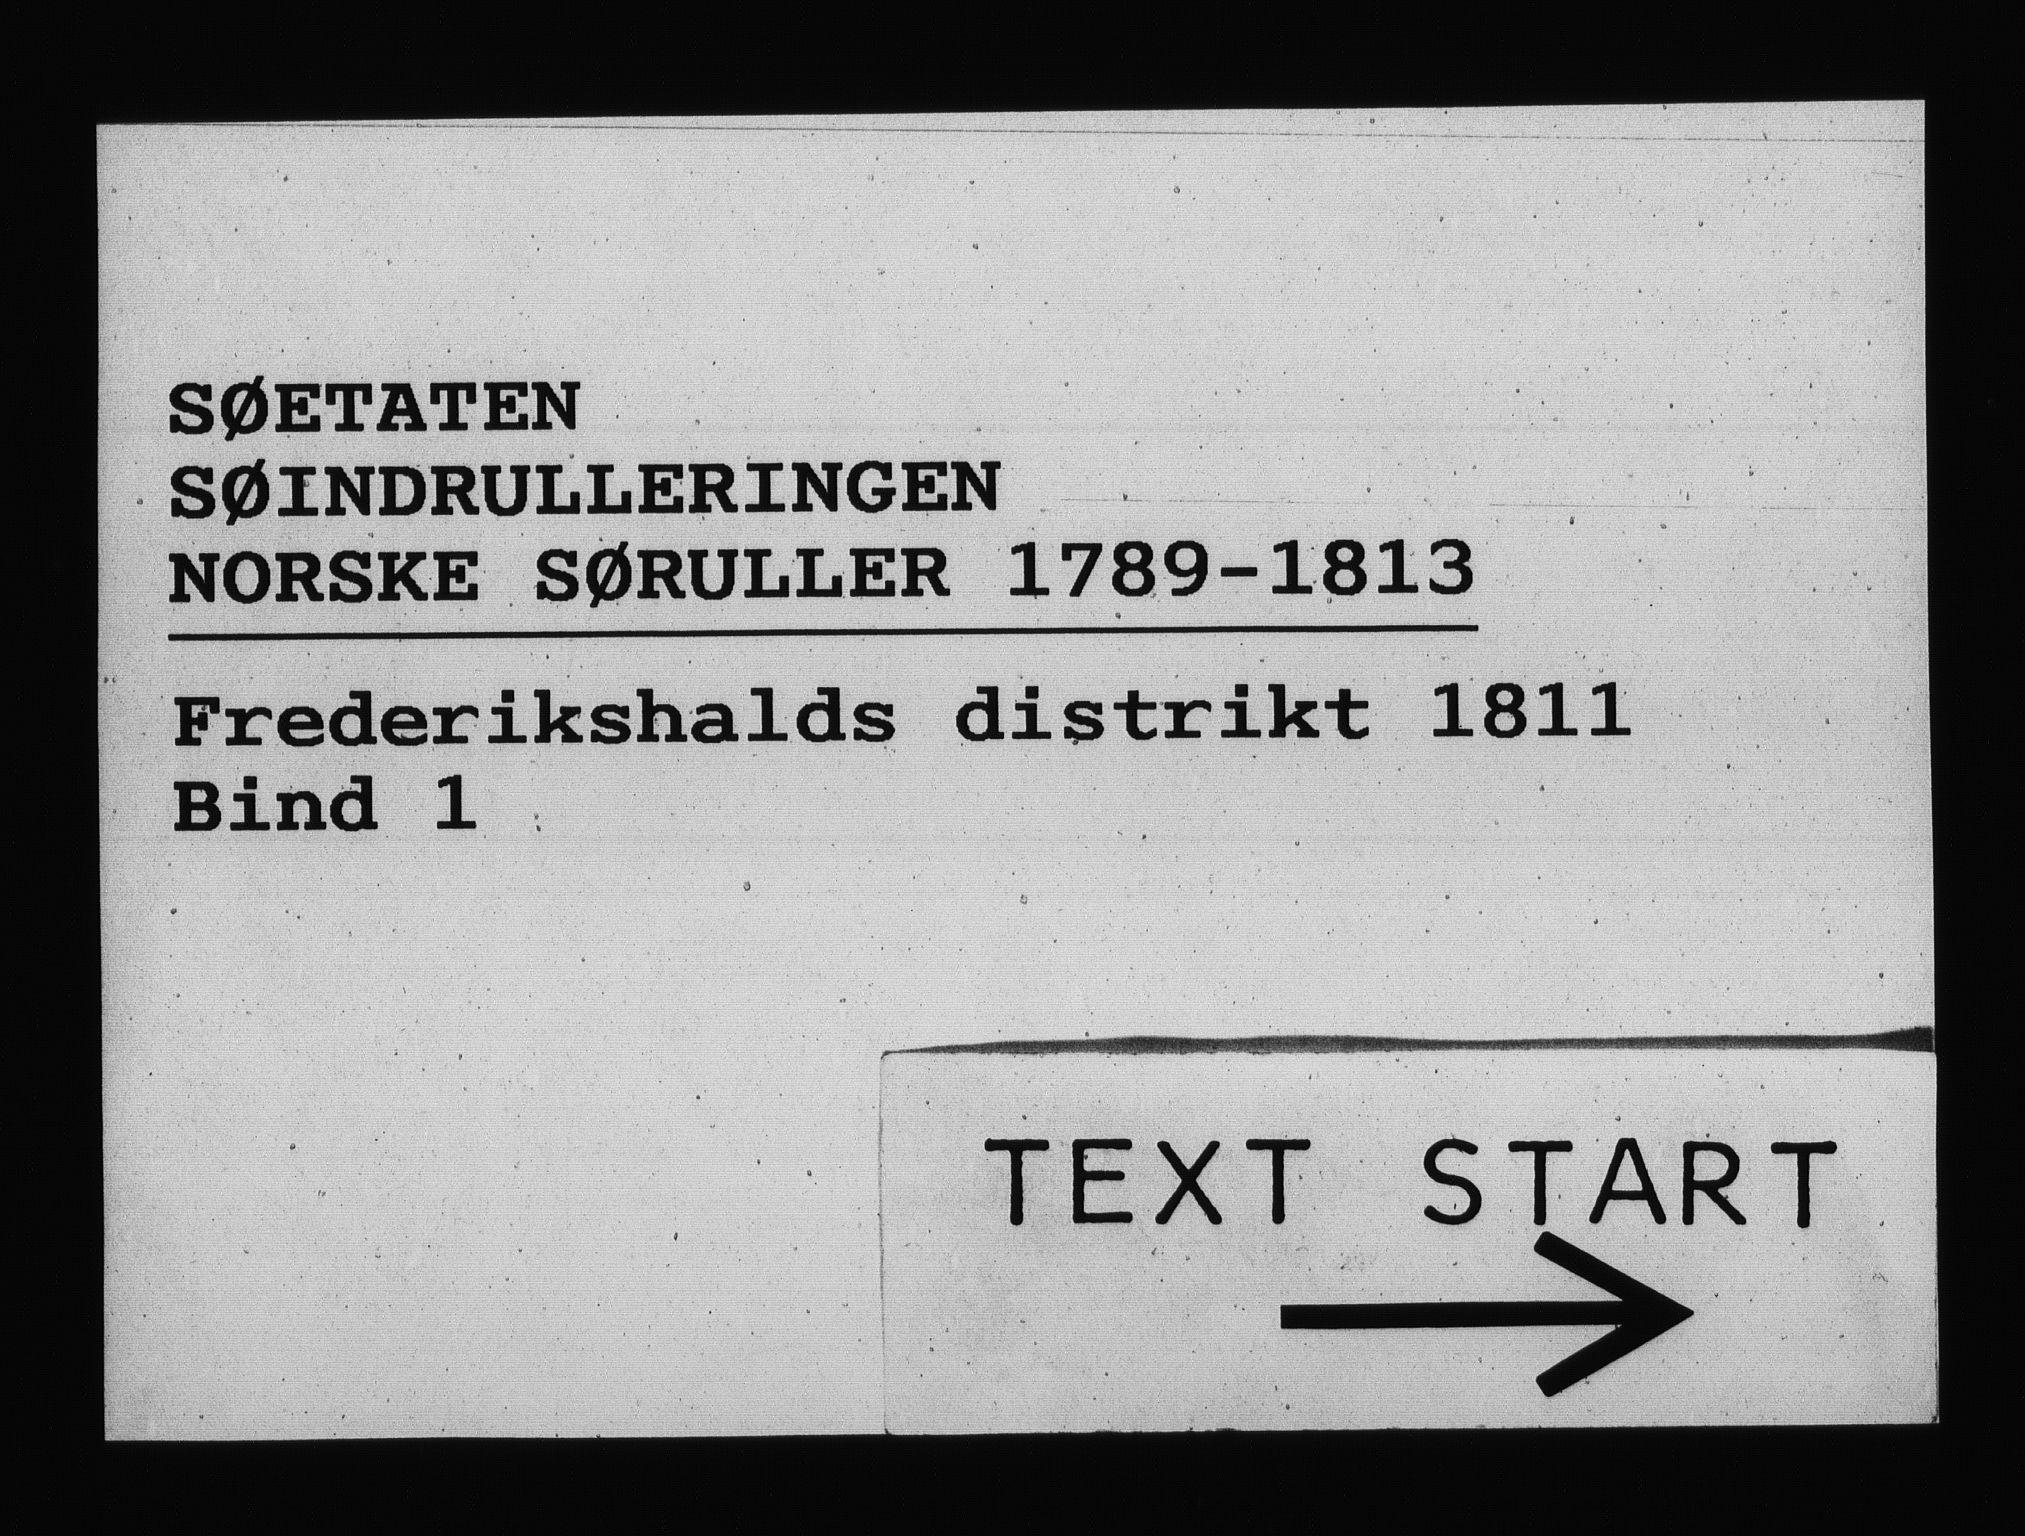 RA, Sjøetaten, F/L0204: Fredrikshalds distrikt, bind 1, 1811